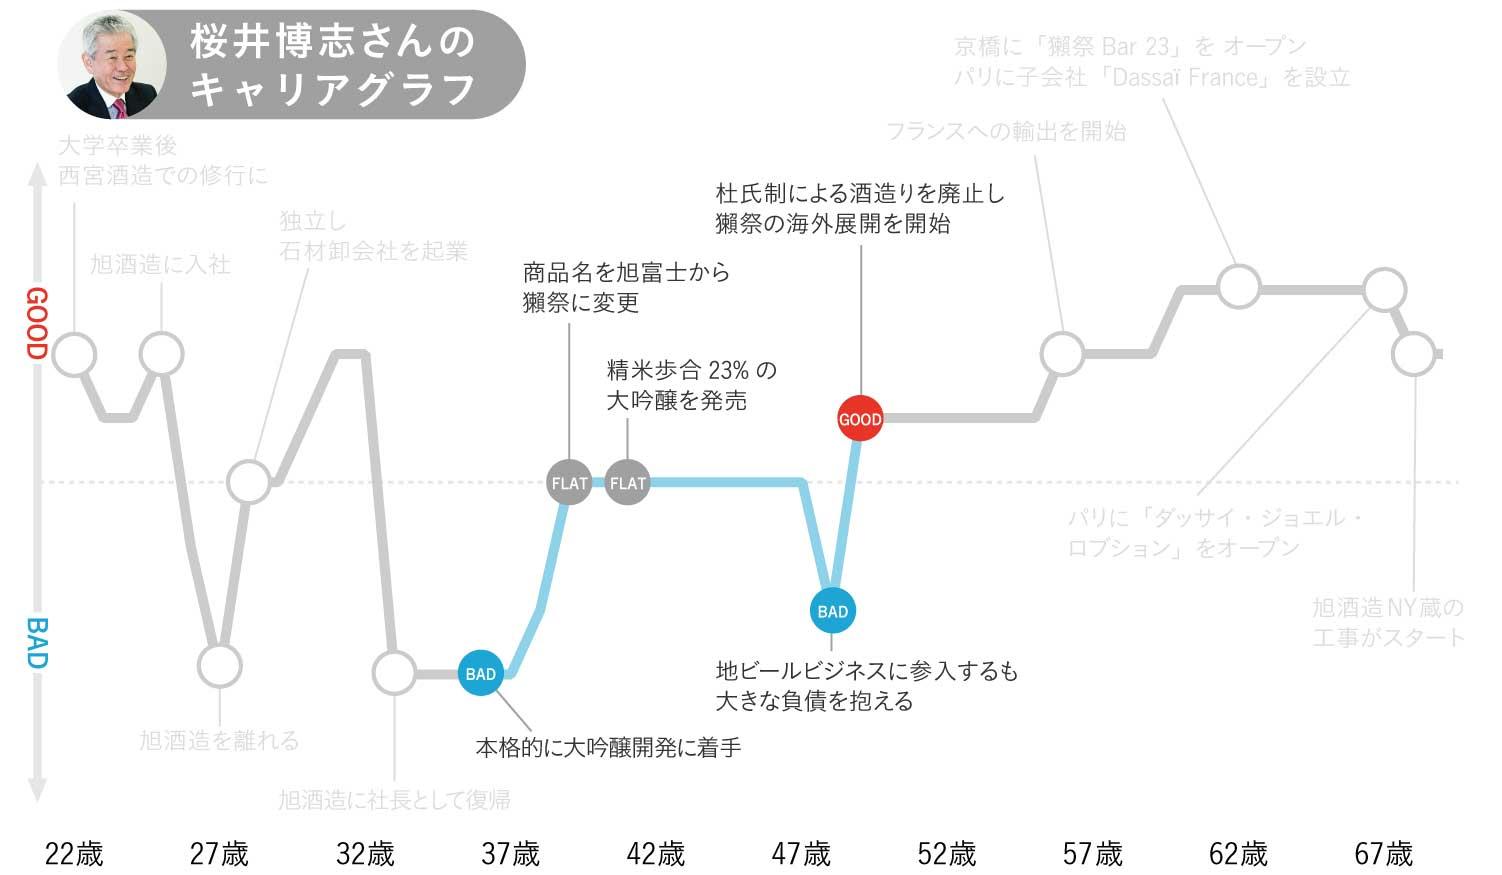 桜井博志さんのキャリアグラフ2